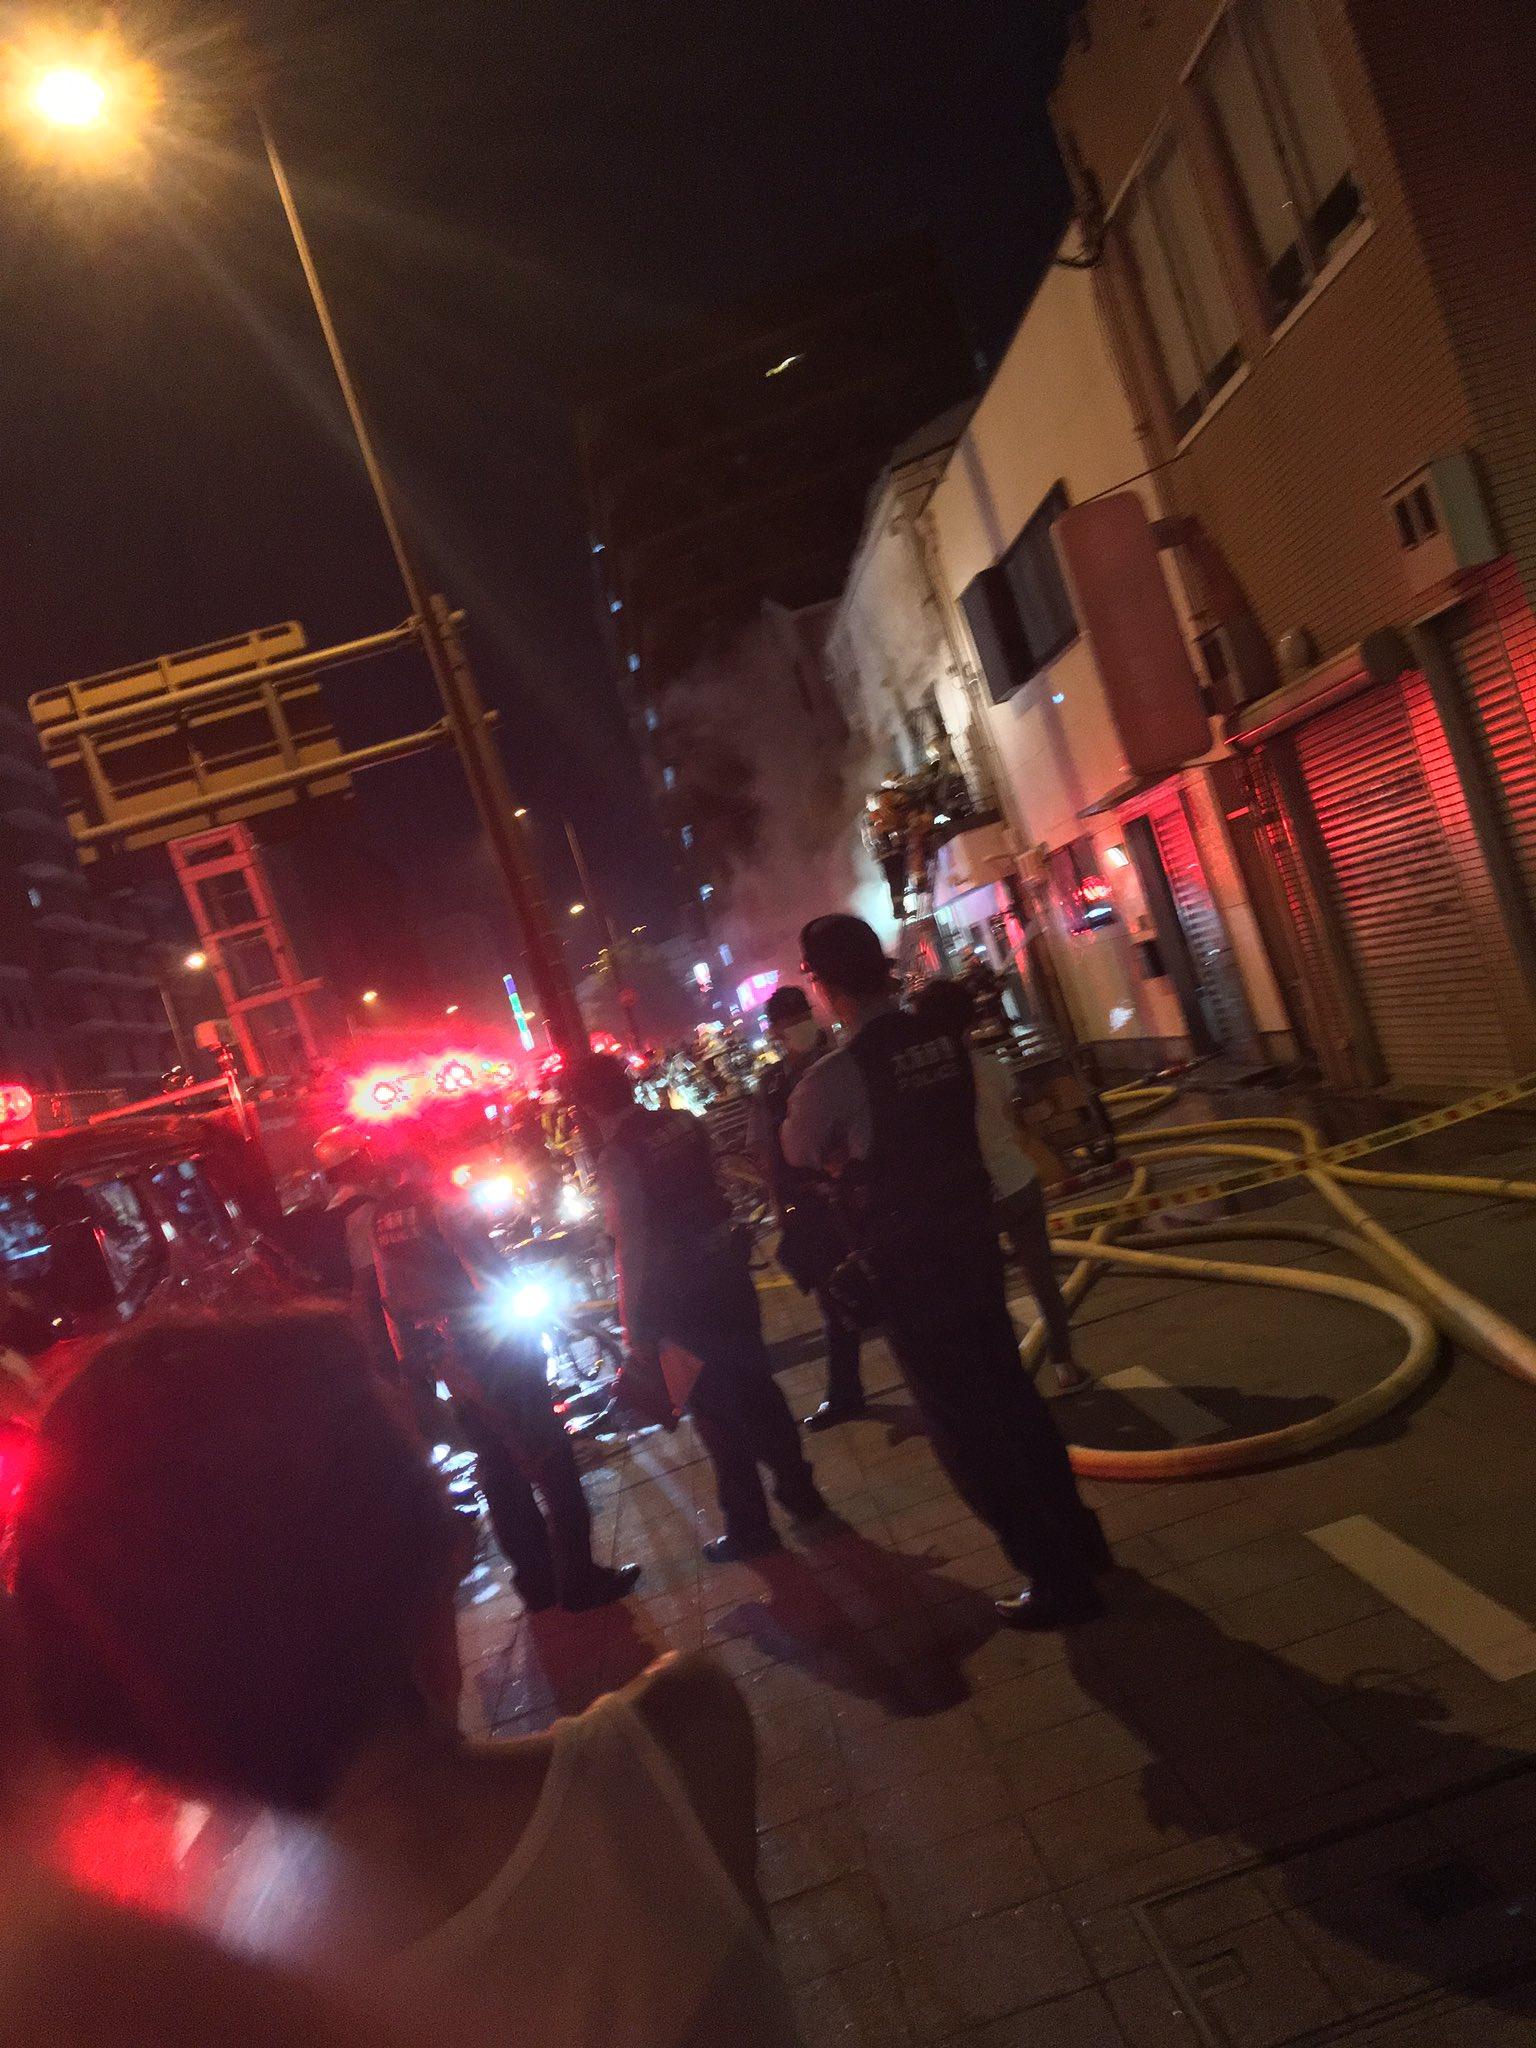 画像,海老江駅付近火事で混乱しています。通らない方がいいかも https://t.co/1OlW3uVij9。